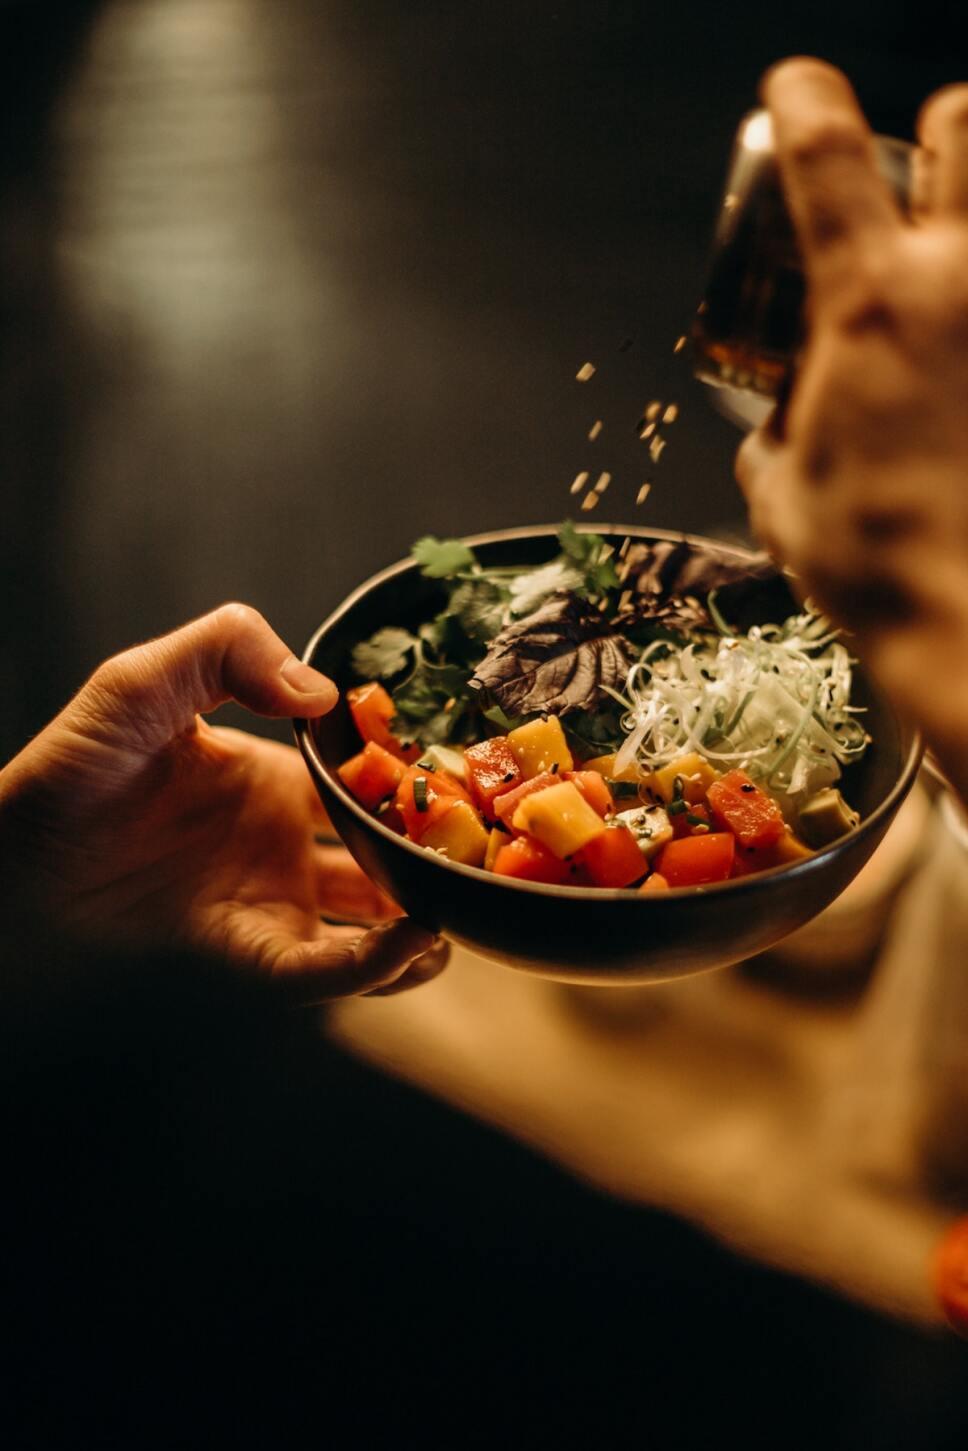 cuida tu cena antes de dormir y baja de peso